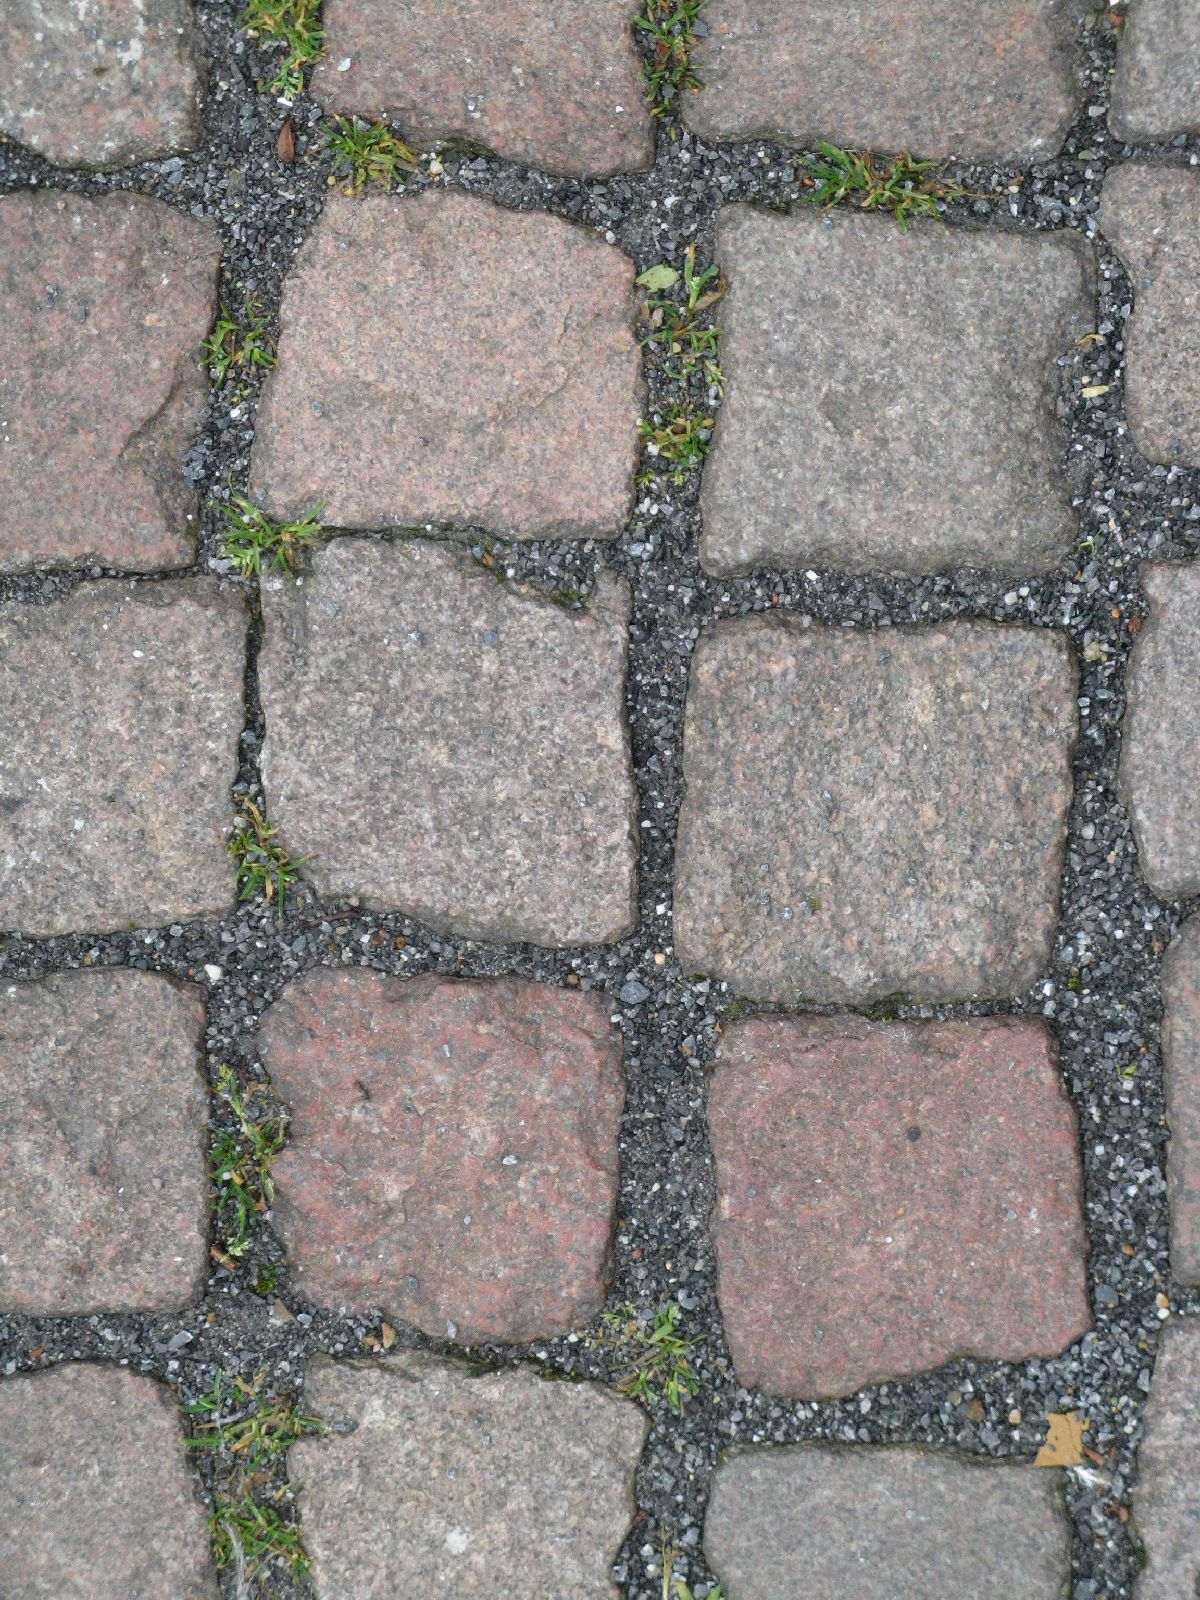 Boden-Gehweg-Strasse-Buergersteig-Textur_B_02440